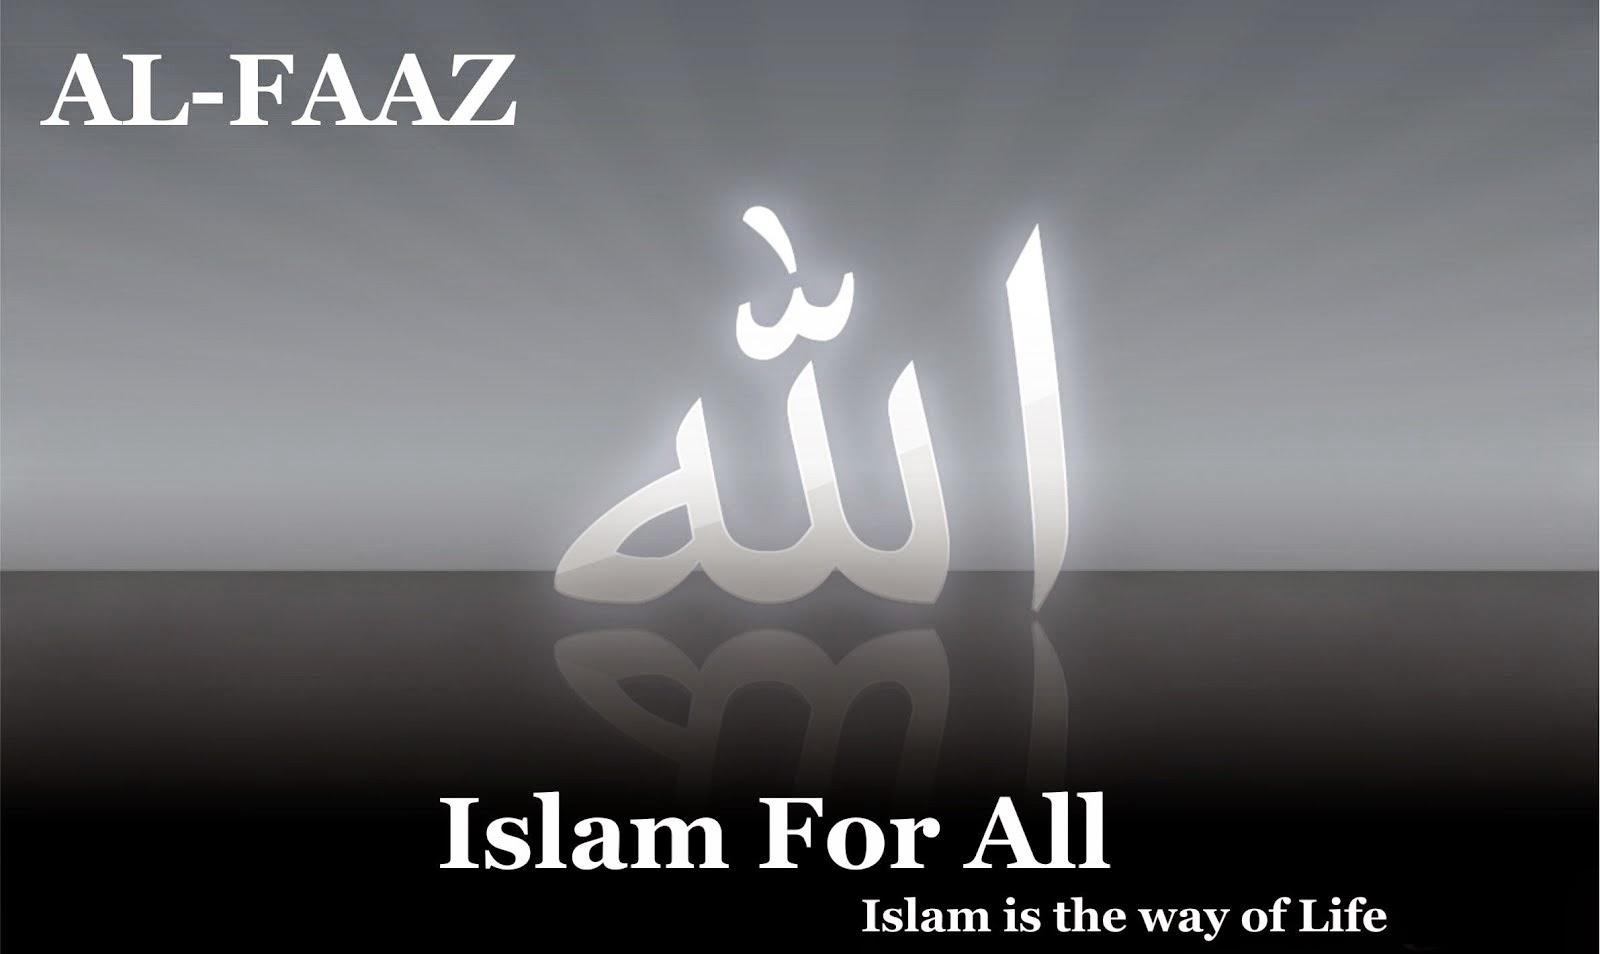 AL-FAAZ